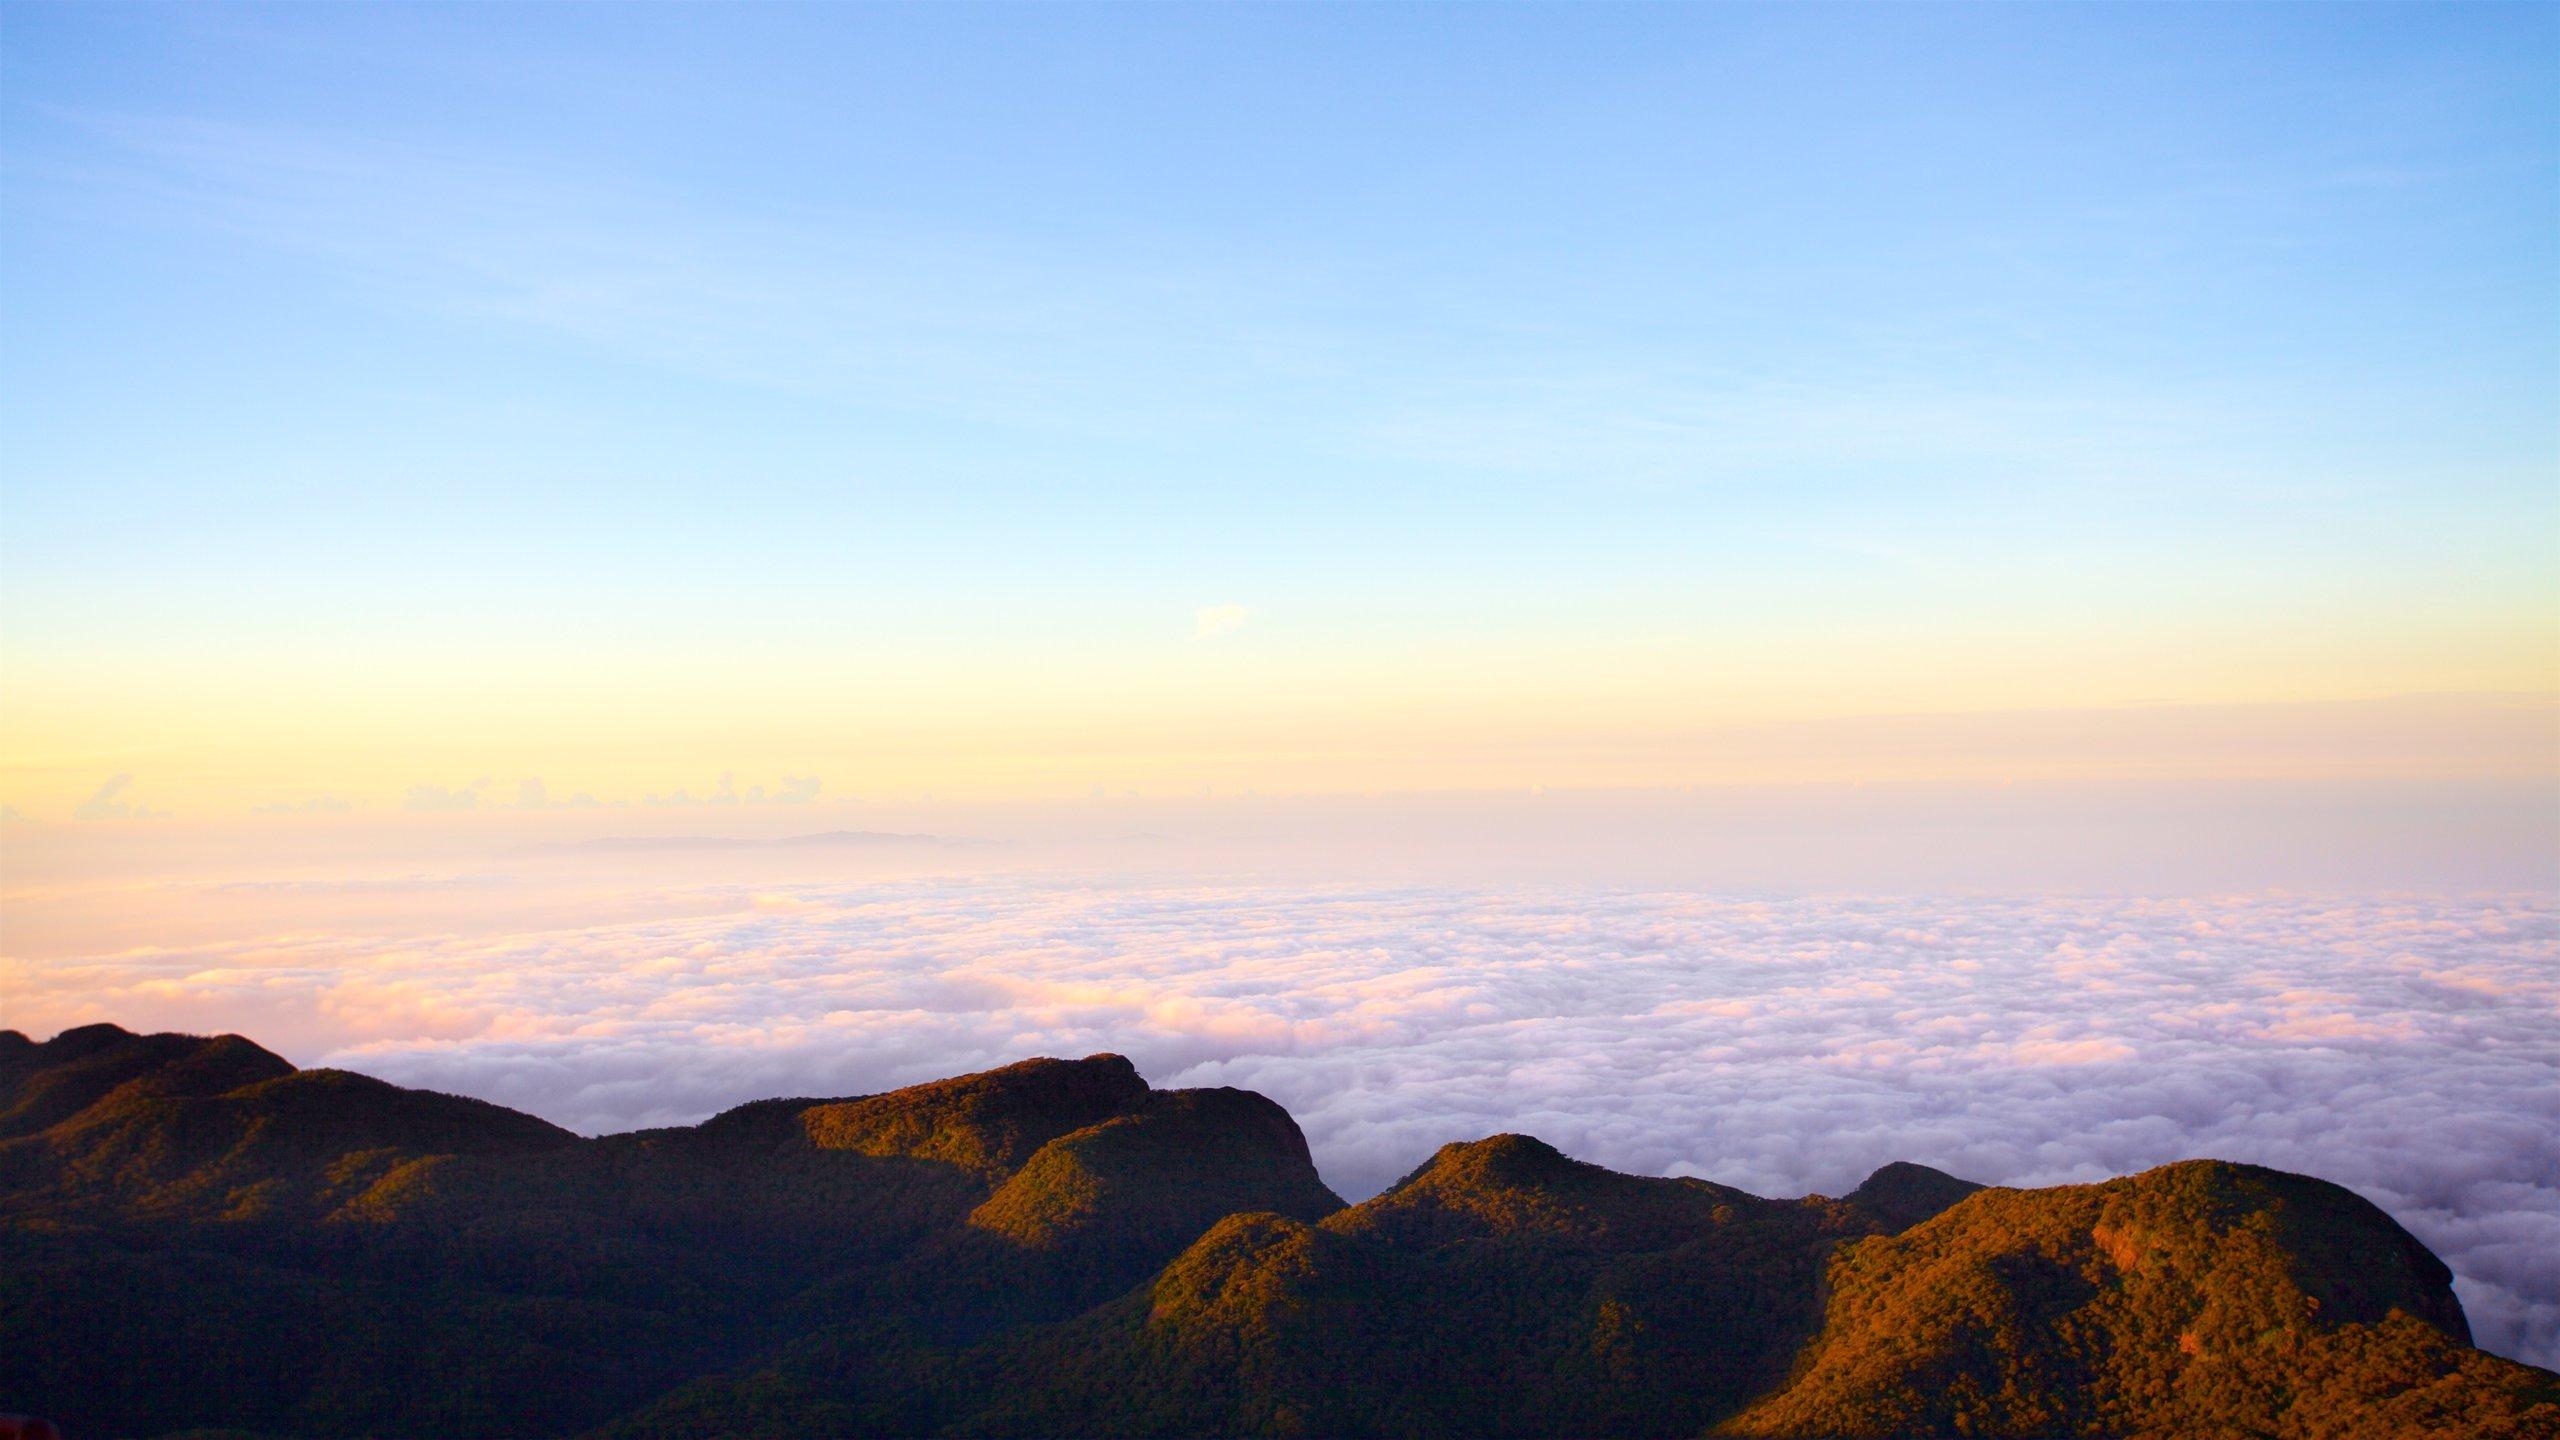 スリランカの風景・アダムスピーク